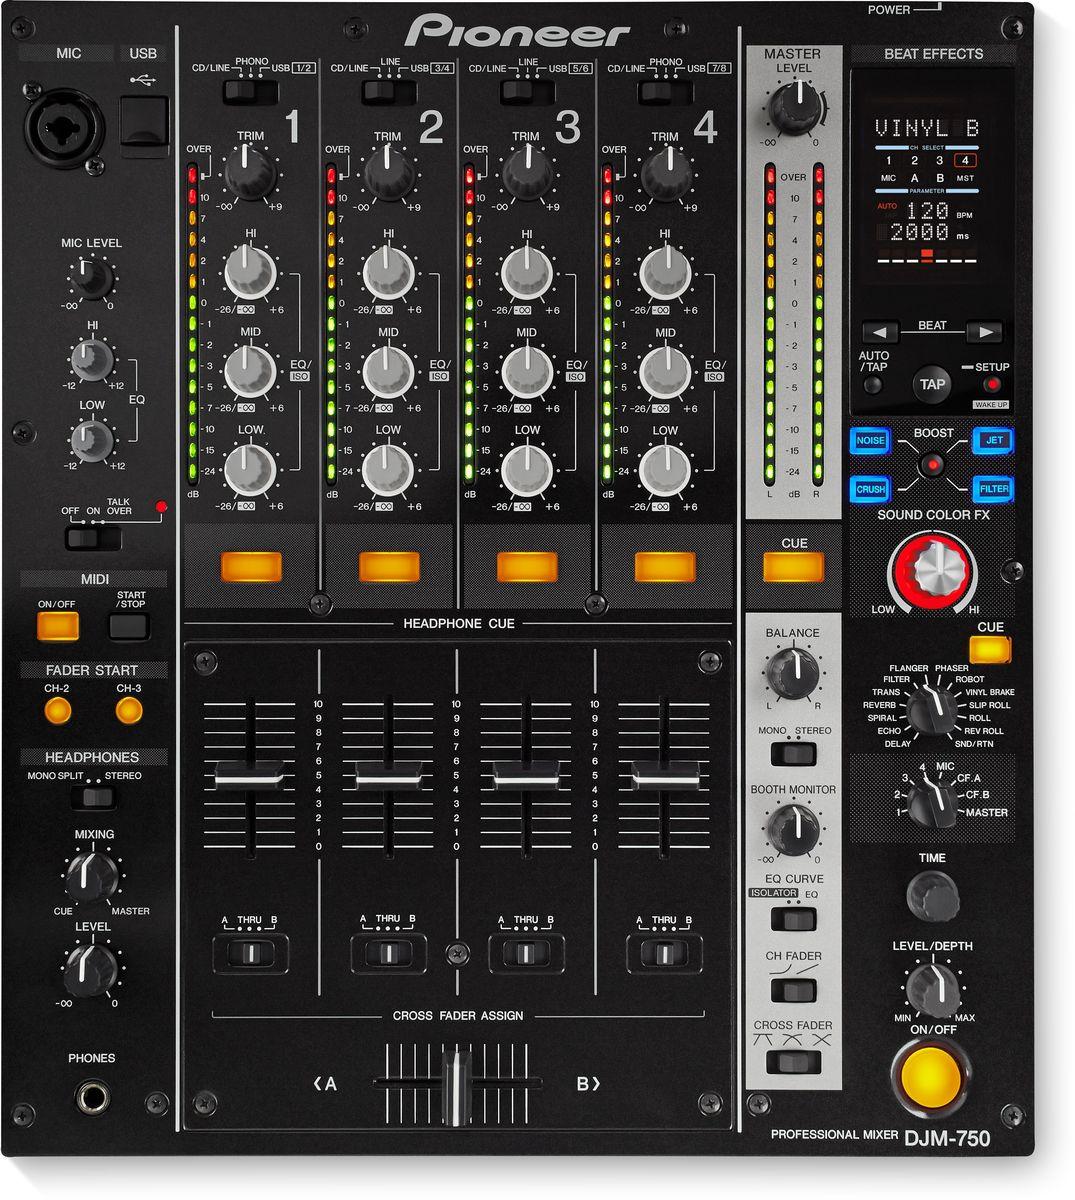 Pioneer DJM-750-K микшерный пульт среднего уровня375322Четырехканальный цифровой микшер Pioneer DJM-750 берет новую высоту в управлении эффектами и взаимодействии с ПО благодаря Boost Color FX и встроенной 24-бит/96 кГц звуковой карте. Boost Color FX добавляет второй эффект к Sound Color FX и позволяет контролировать параметры обоих эффектов всего одной кнопкой. В микшере целых 13 Beat FX, включая новый Vinyl Brake с отдельным регулятором Level/Depth для тактильного контроля над параметром Wet/Dry. Данная модель имеет встроенную высококачественную USB-звуковую карту. Для мгновенного доступа к установленному на ноутбуке ПО достаточно одного кабеля USB. На этом сходство с топовыми пультами Pioneer не заканчивается. DJM-750 оснащен высококачественным звуковым трактом, хорошо узнаваемым форматом, надежными фейдерами, трехполосным эквалайзером с полным вырезанием частот, и полным контролем по MIDI. Поддержка трех частот дискретизации (96/48/44.1 кГц) и стандарты ASIO/Core Audio позволяют задействовать DJM-750...